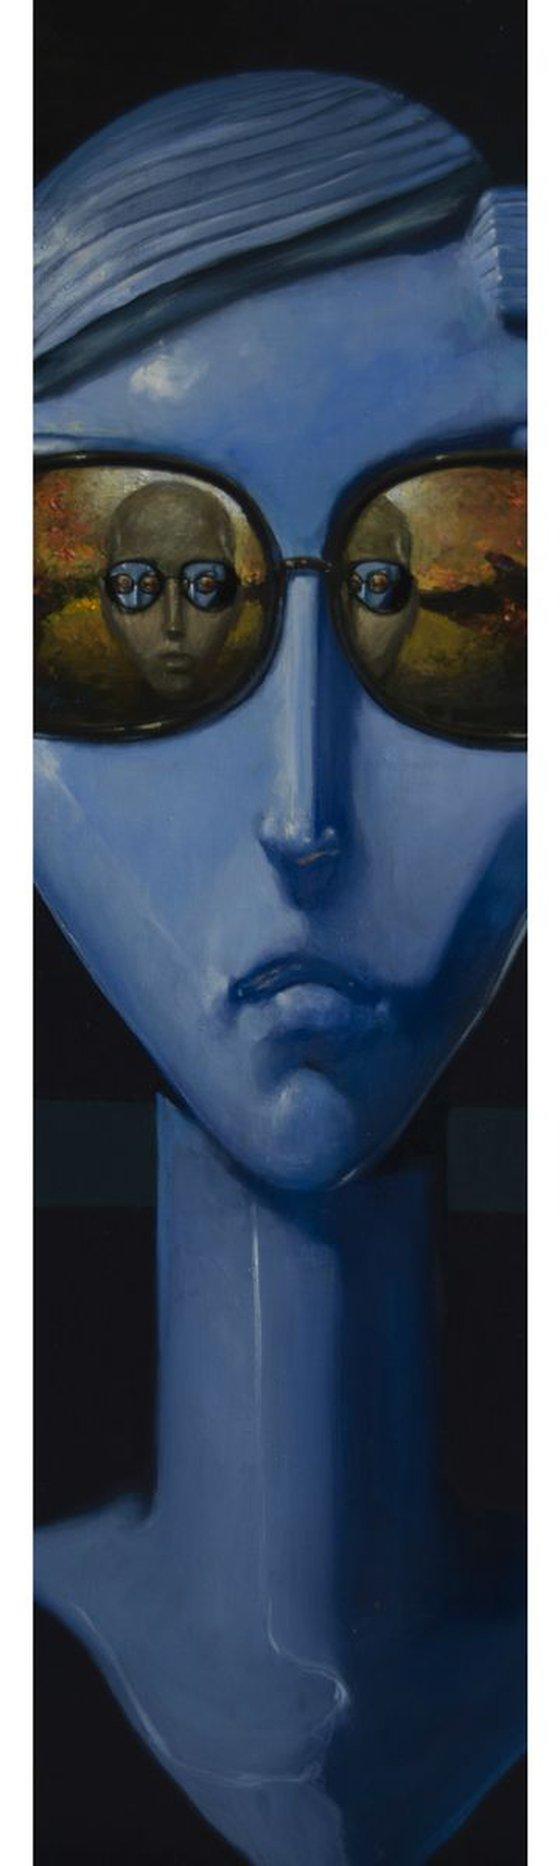 Cyberlove (32x112 cm)